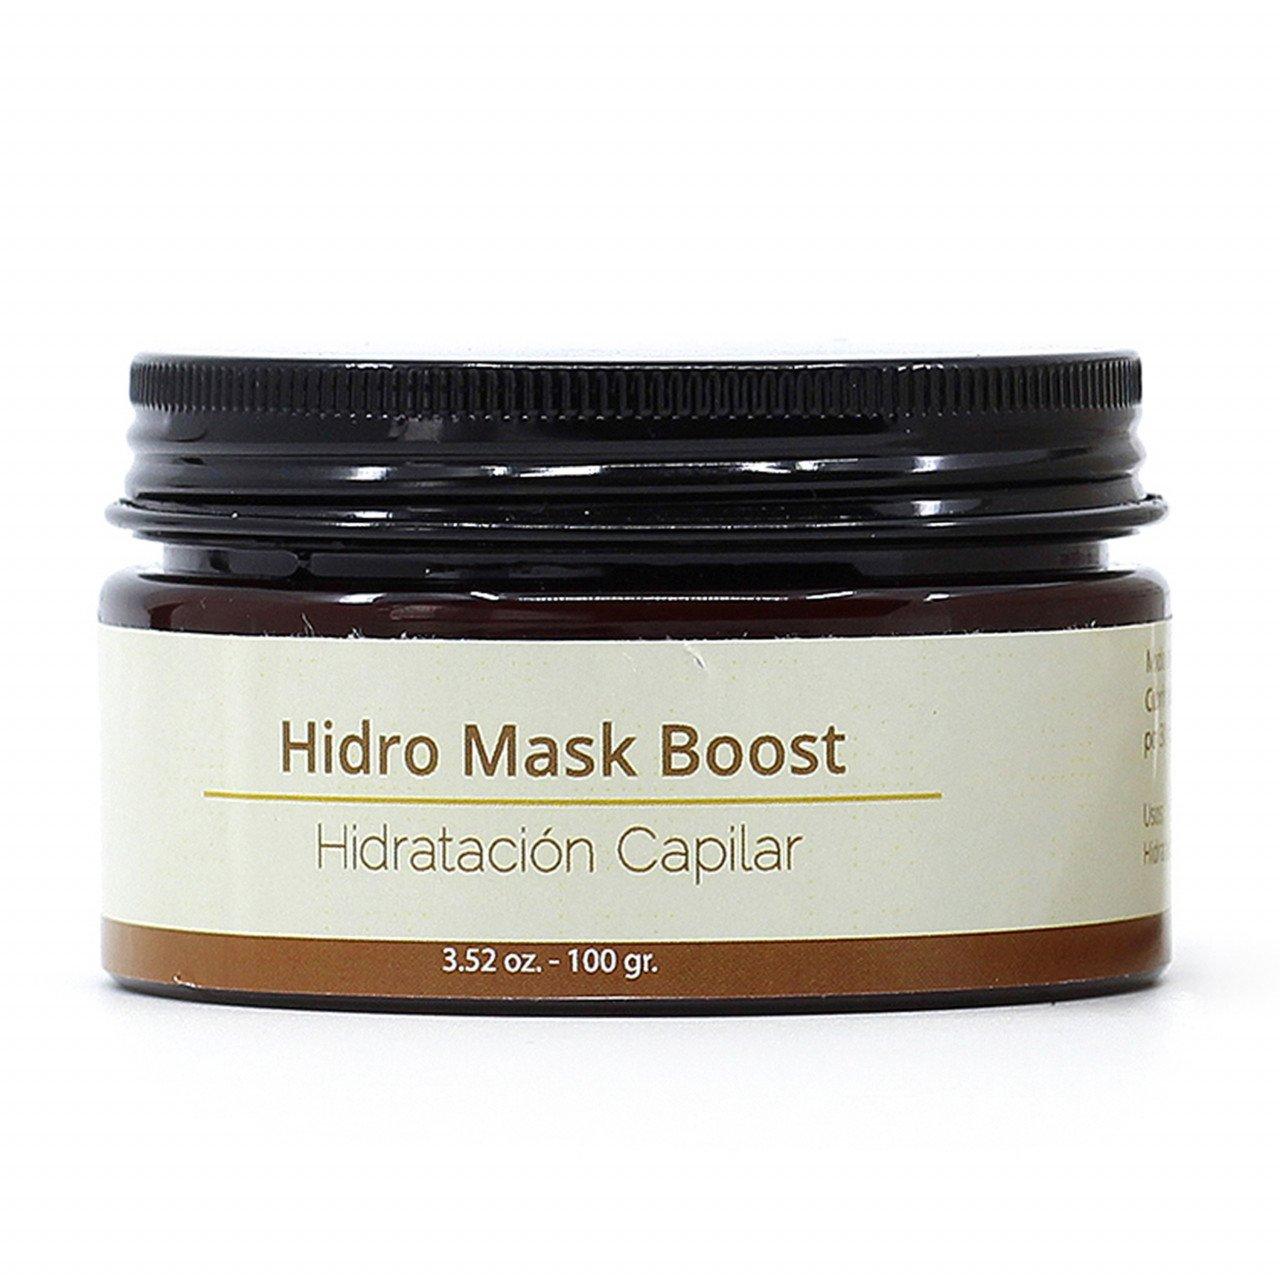 Hidromask Boost Tratamiento Capilar Aceites Esenciales&w=900&h=900&fit=crop